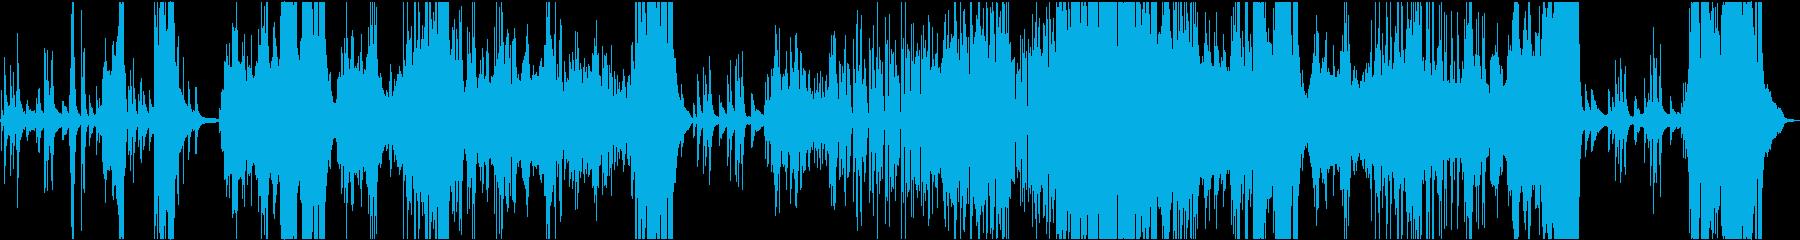 恐怖感を煽る無調のピアノ曲の再生済みの波形